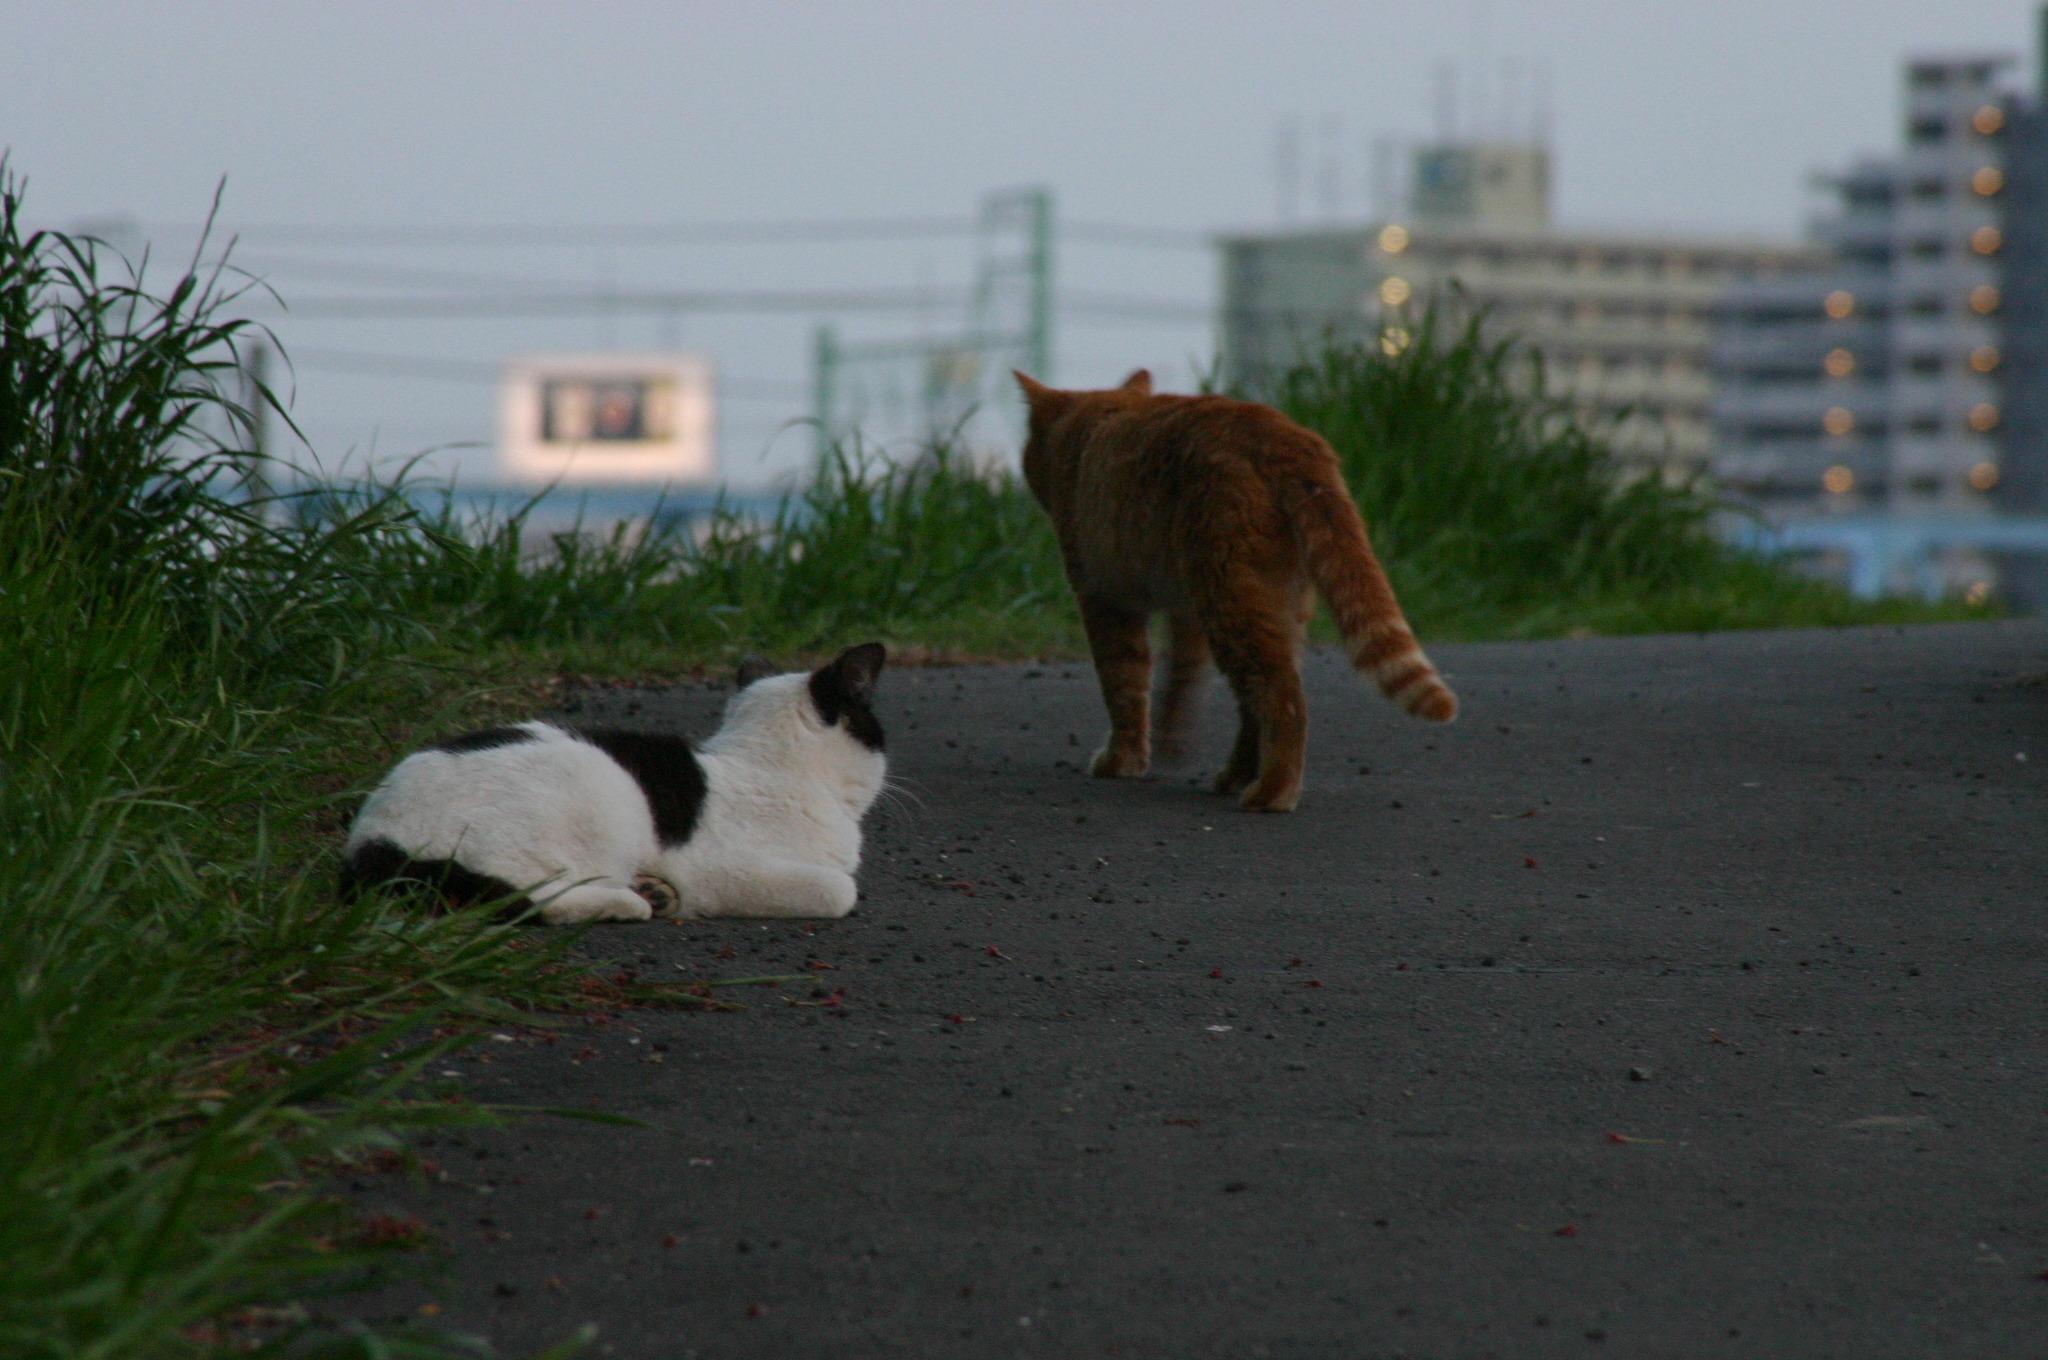 「俺は先に帰るよ」と言いそうな猫